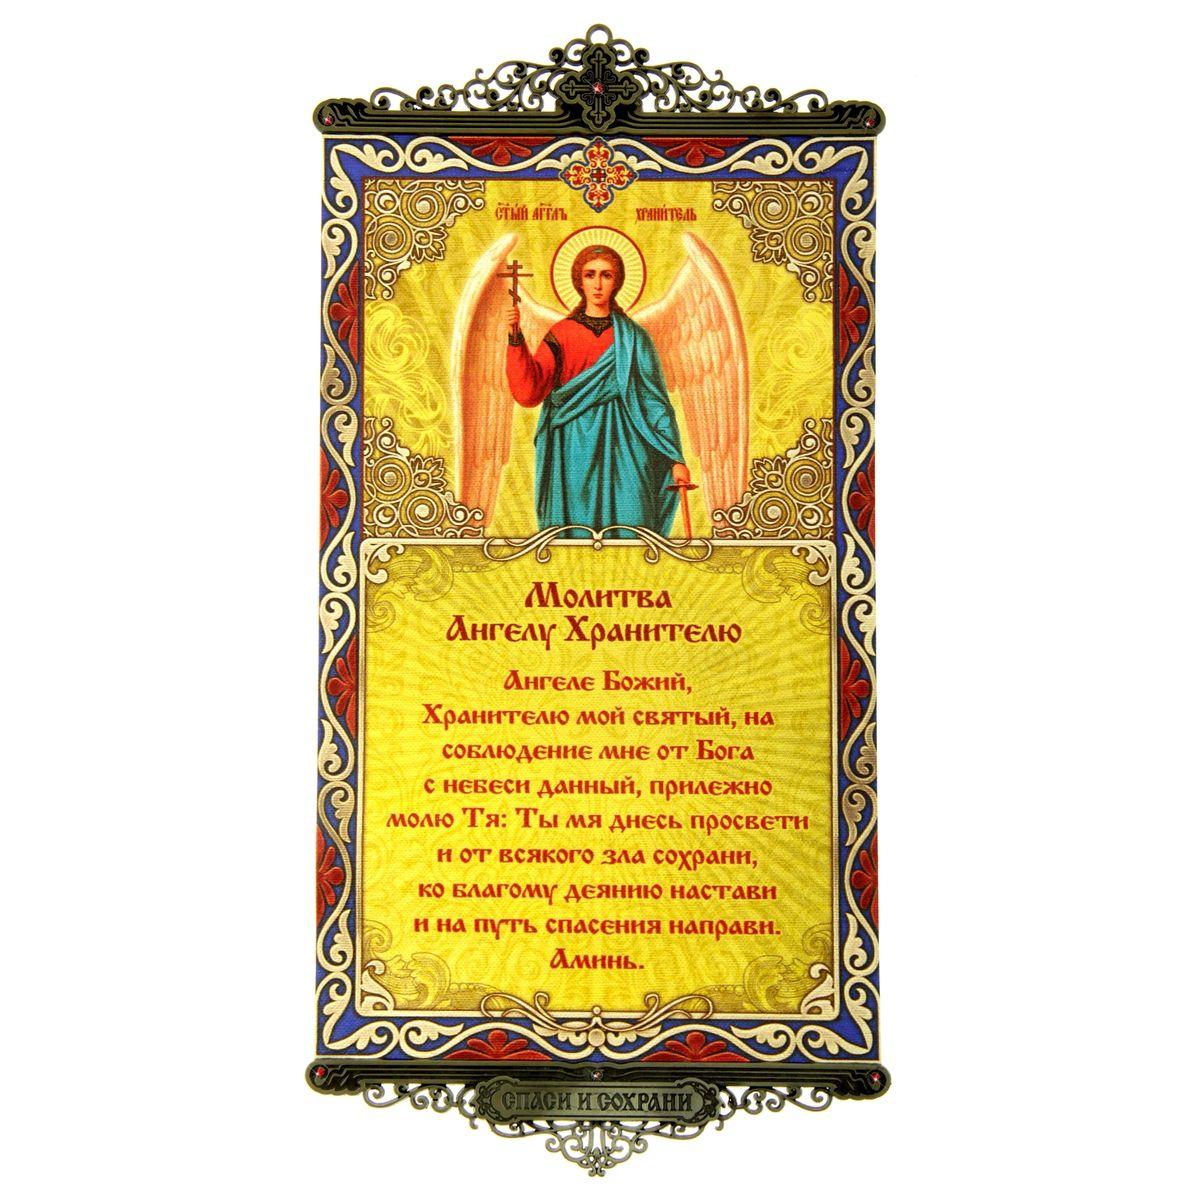 Икона с молитвой Молитва Ангелу Хранителю, на подвесахFS-80264Икона с молитвой Молитва Ангелу Хранителю выполнена из плотного текстиля с нанесенным цветным рисунком, края декорированы ажурными металлическими вставками со стразами. Цветовая гамма и интерьер влияют на настроение каждого, именно поэтому так важны детали, которые нас окружают. Знатоки интерьерных решений стараются применять самые разнообразные решения при художественном оформлении внутреннего пространства и использовать все возможные материалы. Икона с молитвой на подвесах - это хорошее решение для интерьера по выгодной цене!